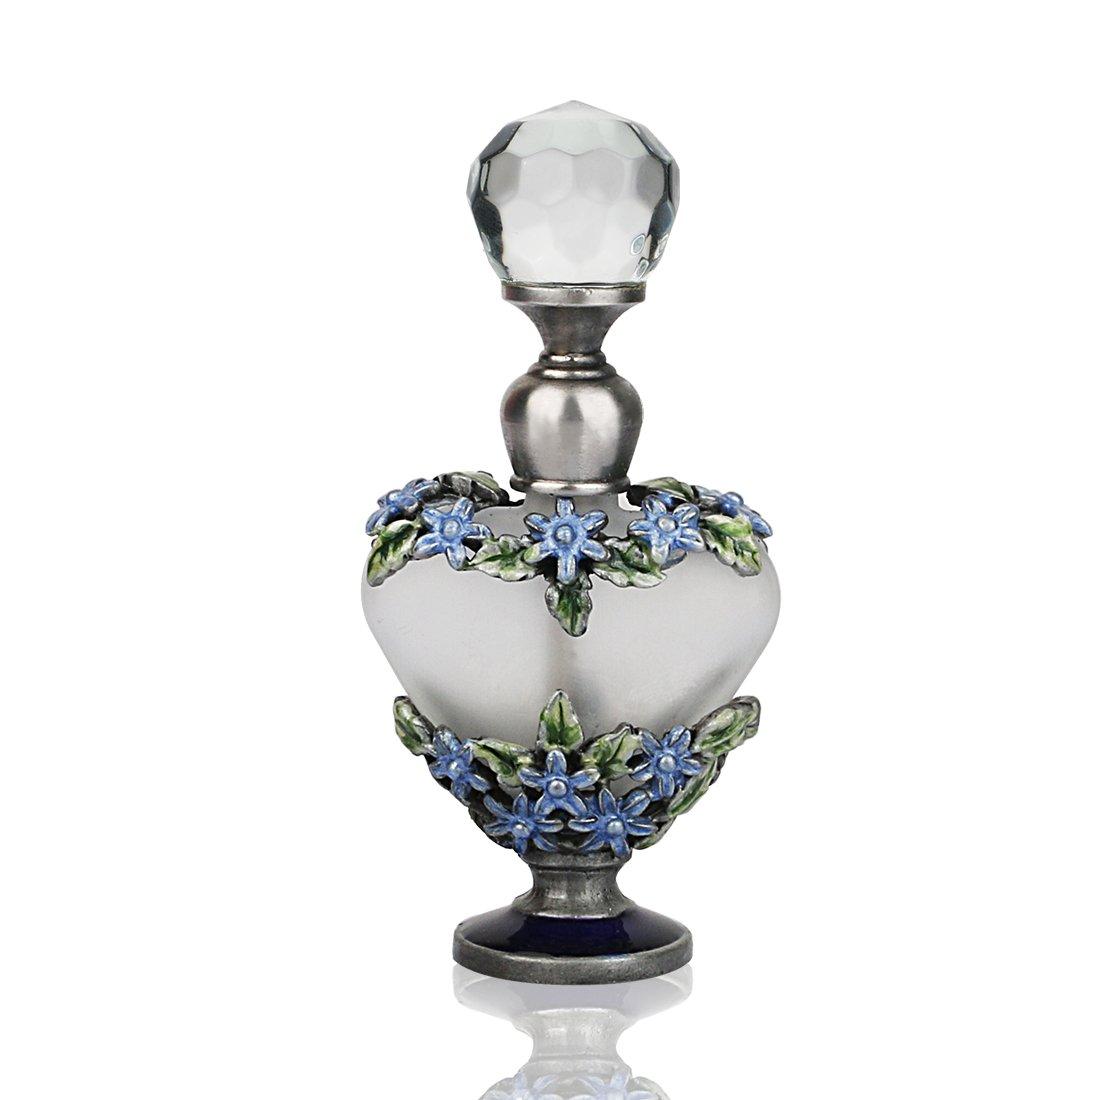 YUFENG 5ml Litter Flower Restoring Ancient Ways Hollow-out Rattan Flower Heart Shape Perfume Bottles Empty Refillable